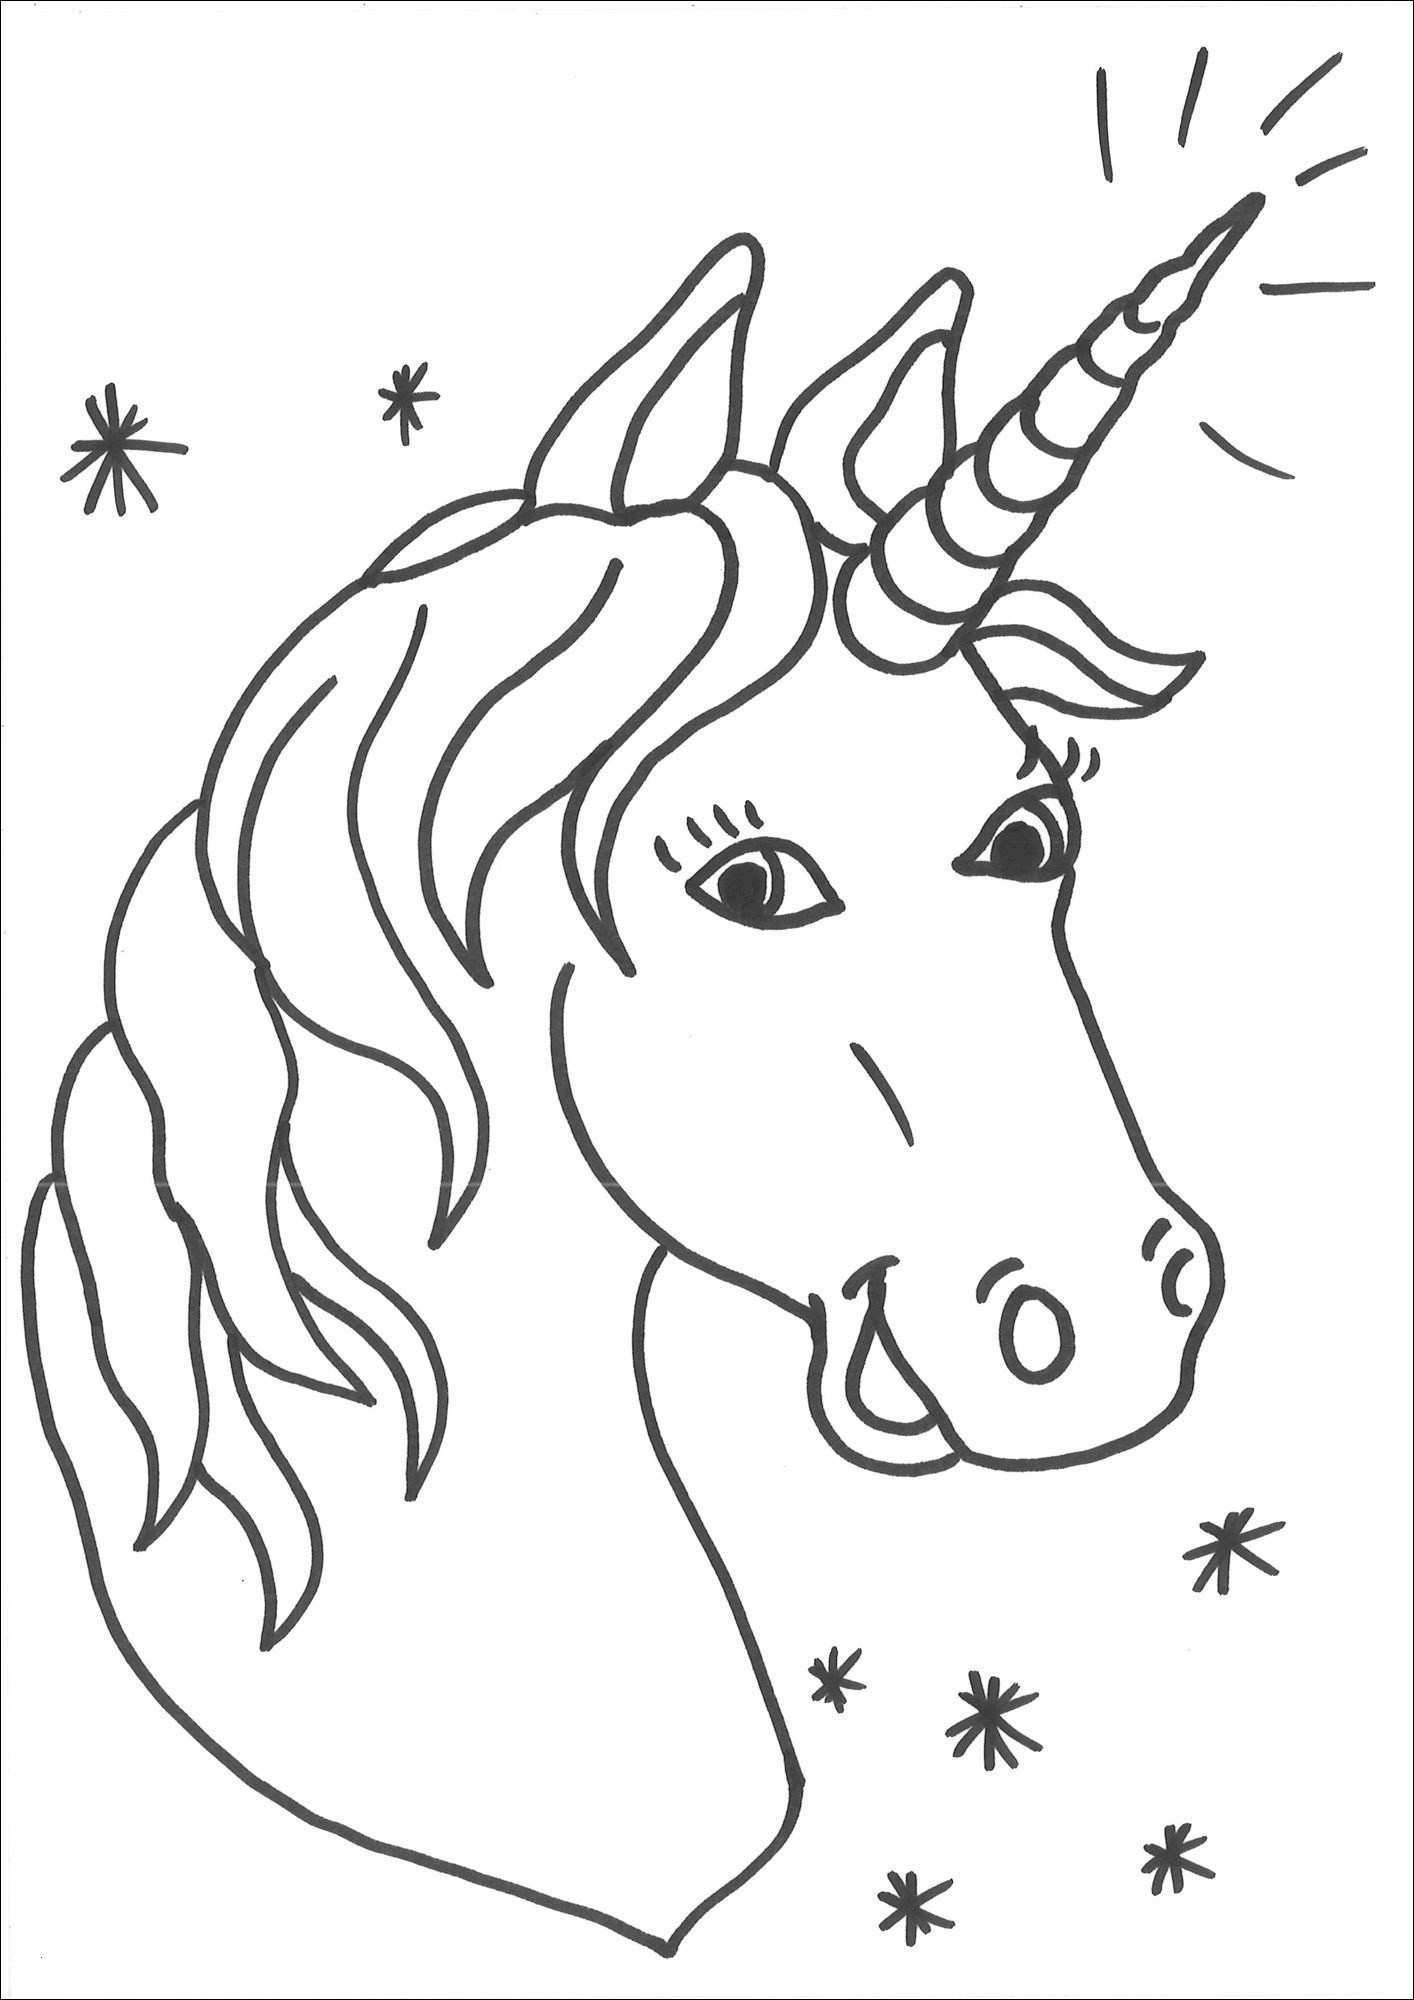 Einhorn Bilder Zum Ausmalen Neu Malvorlagen Erwachsene Pferd Vorstellung 35 Ausmalbilder Einhorn Mit Das Bild